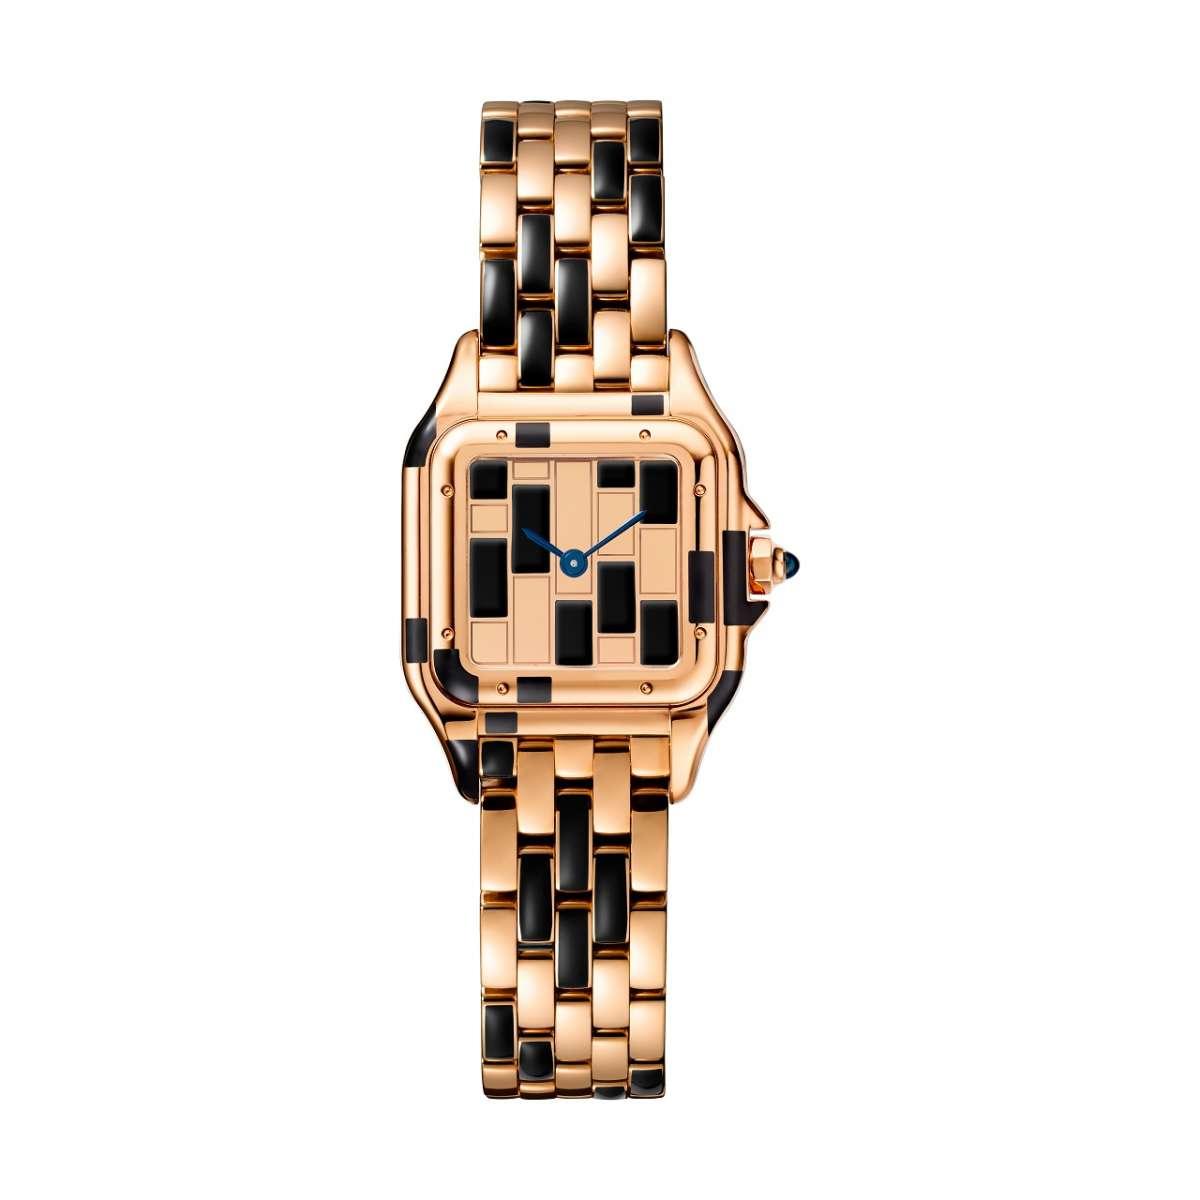 קרטייה לפדני שעון נשים מדגם פנטר panthere 22,000 שח צילום חול (2)